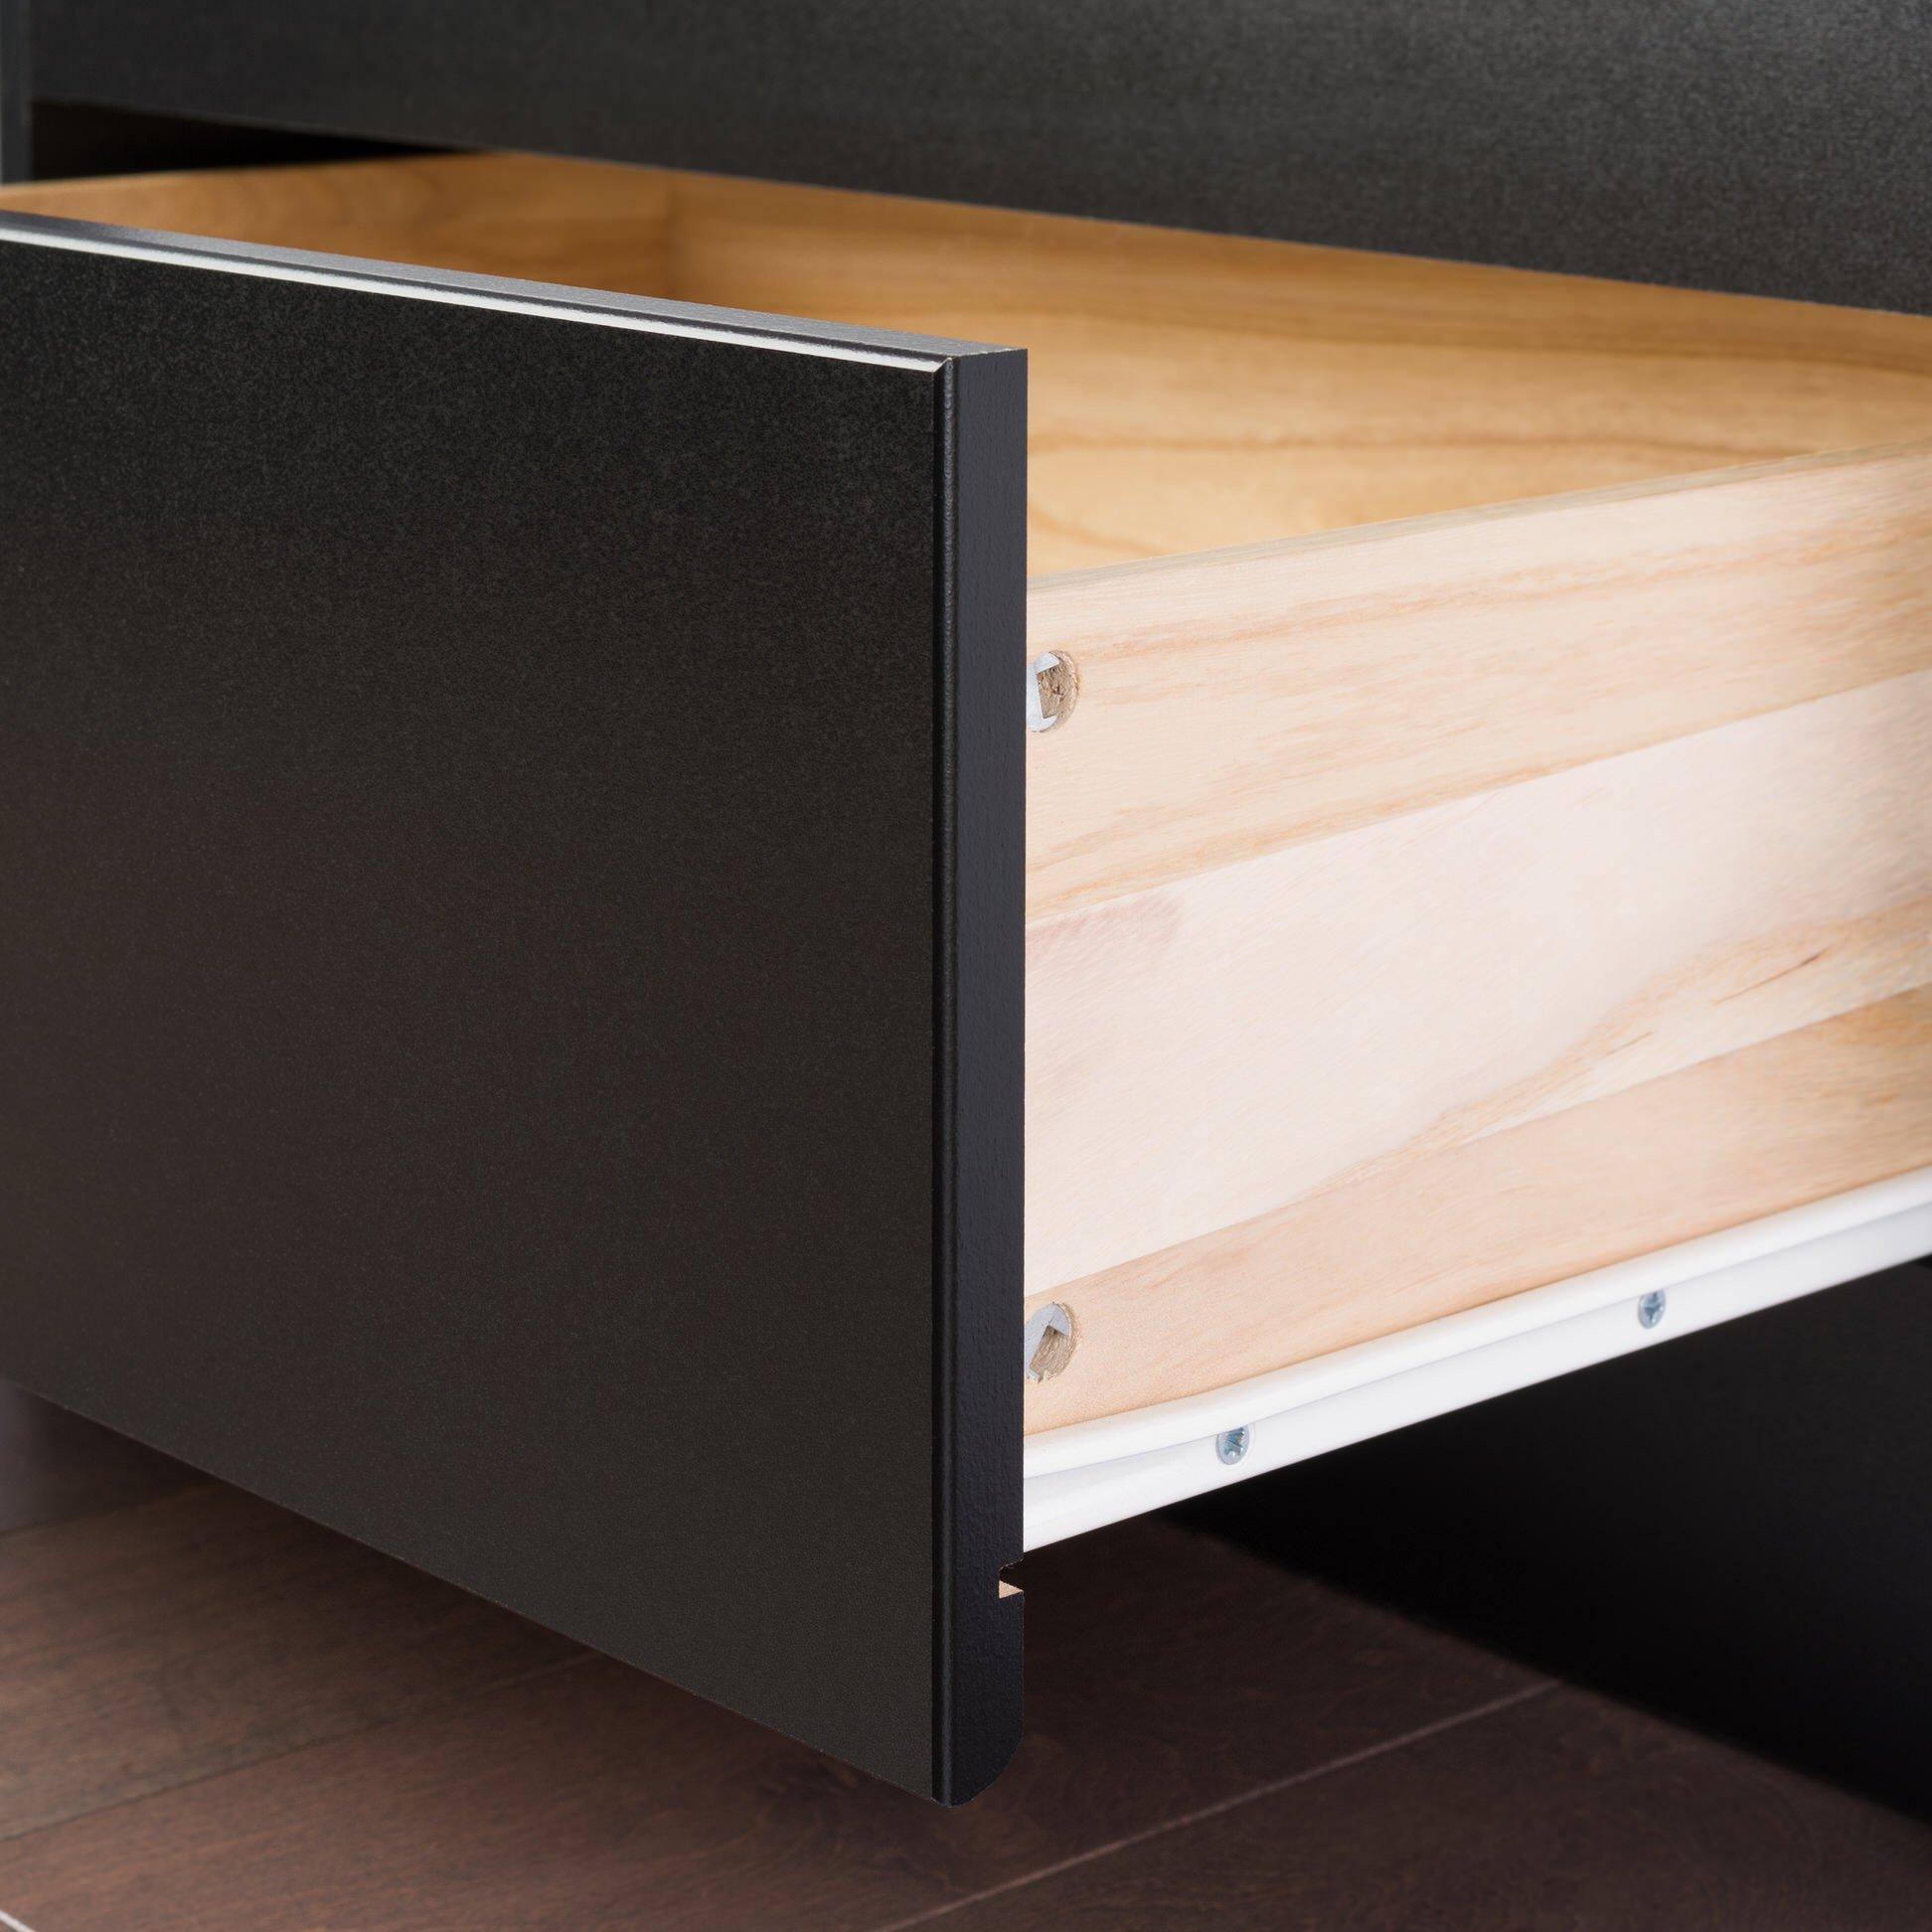 & Full Platform Storage Bed (6 drawers) by Prepac